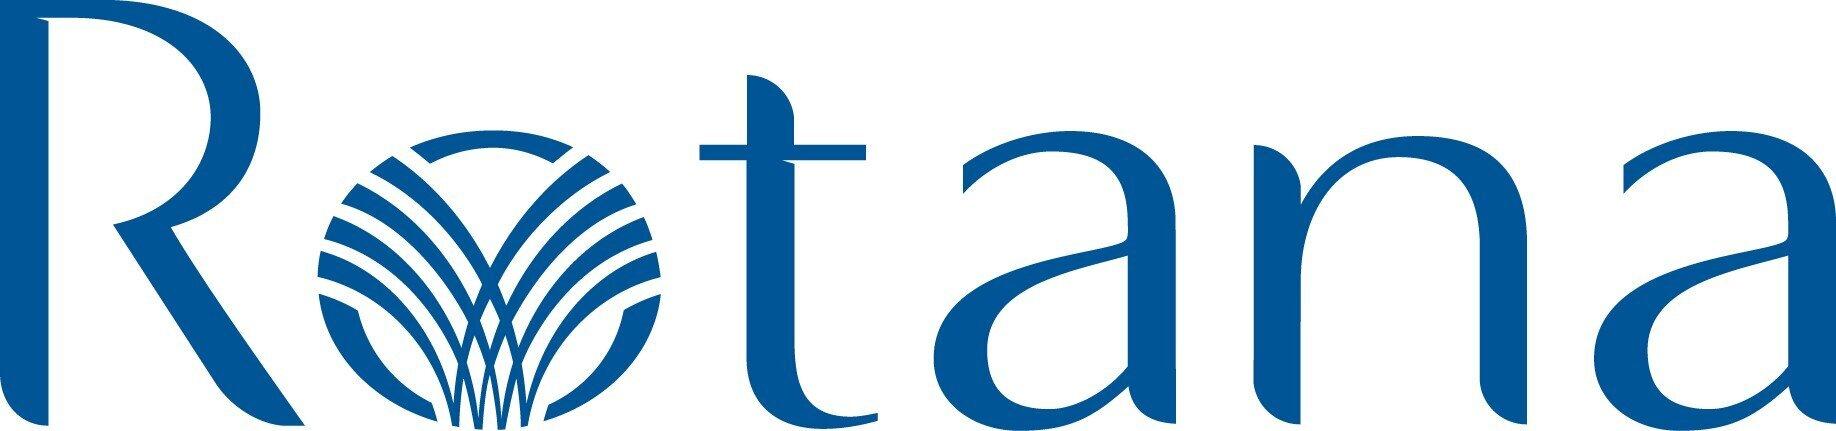 Rotana_Eng_logo.jpg